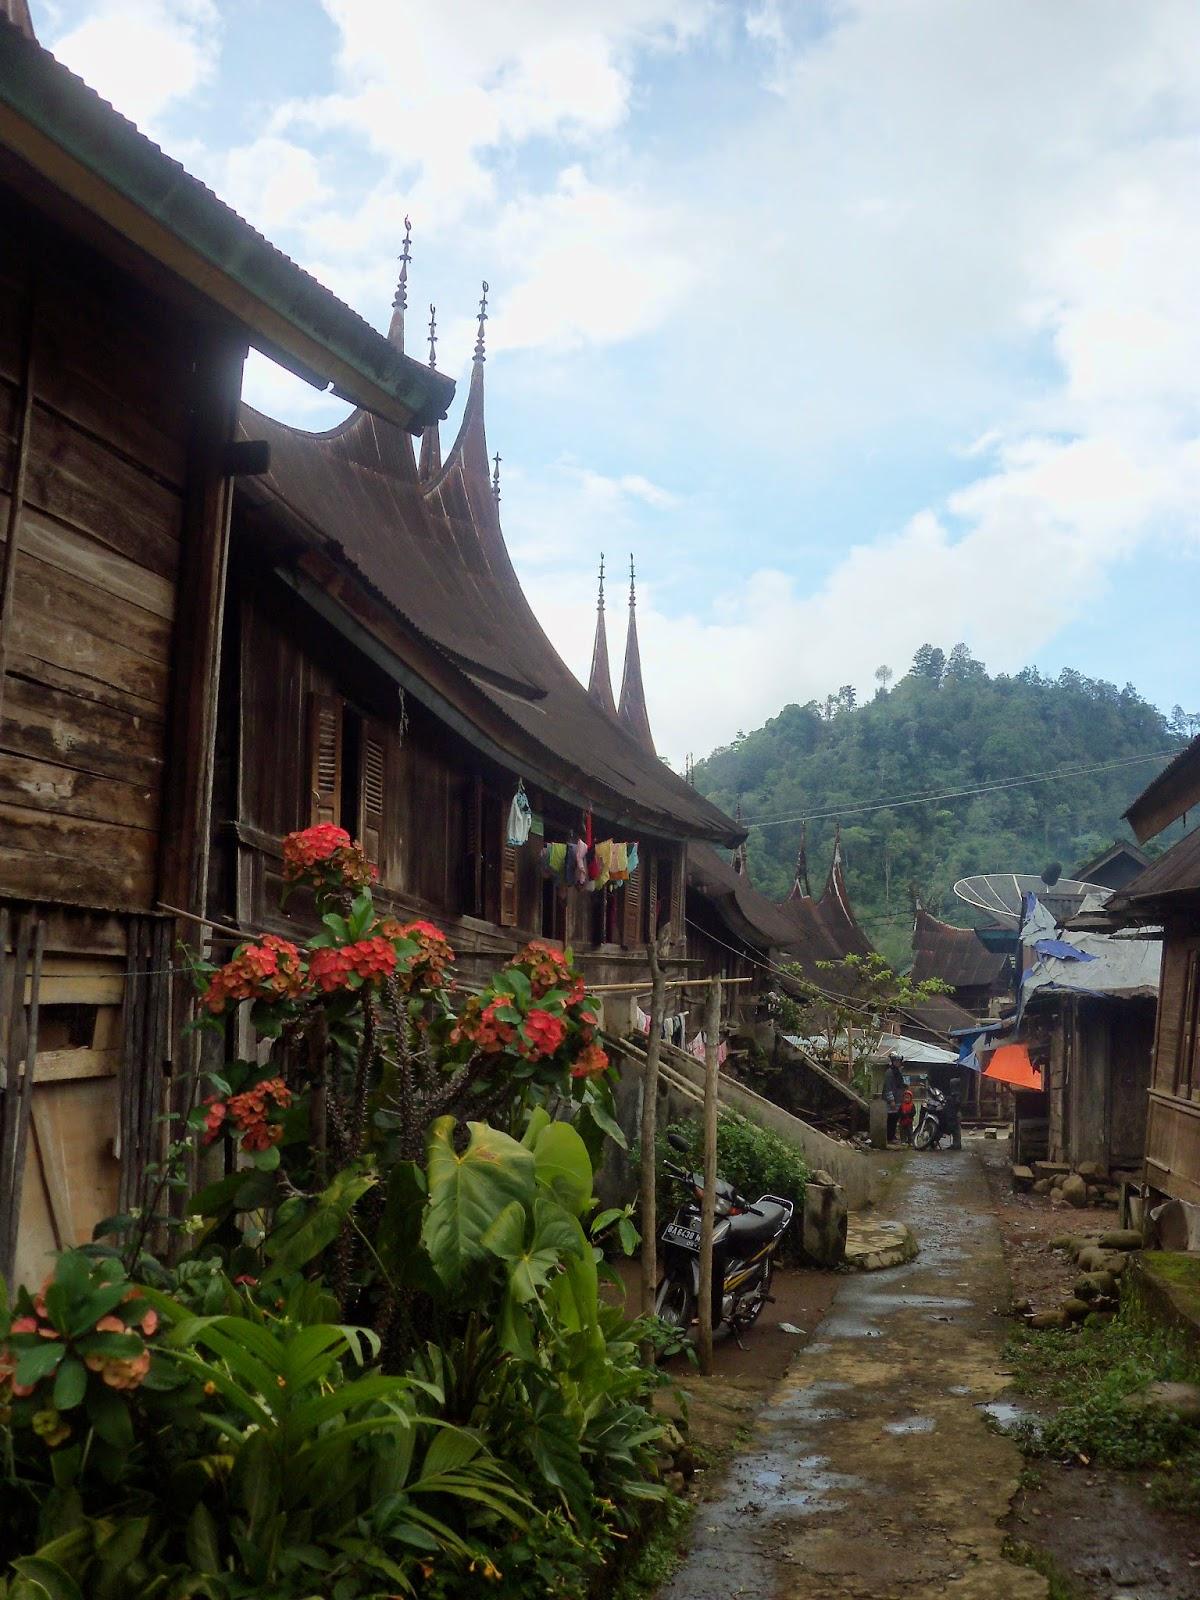 rumah gadang di pemukiman tradisional